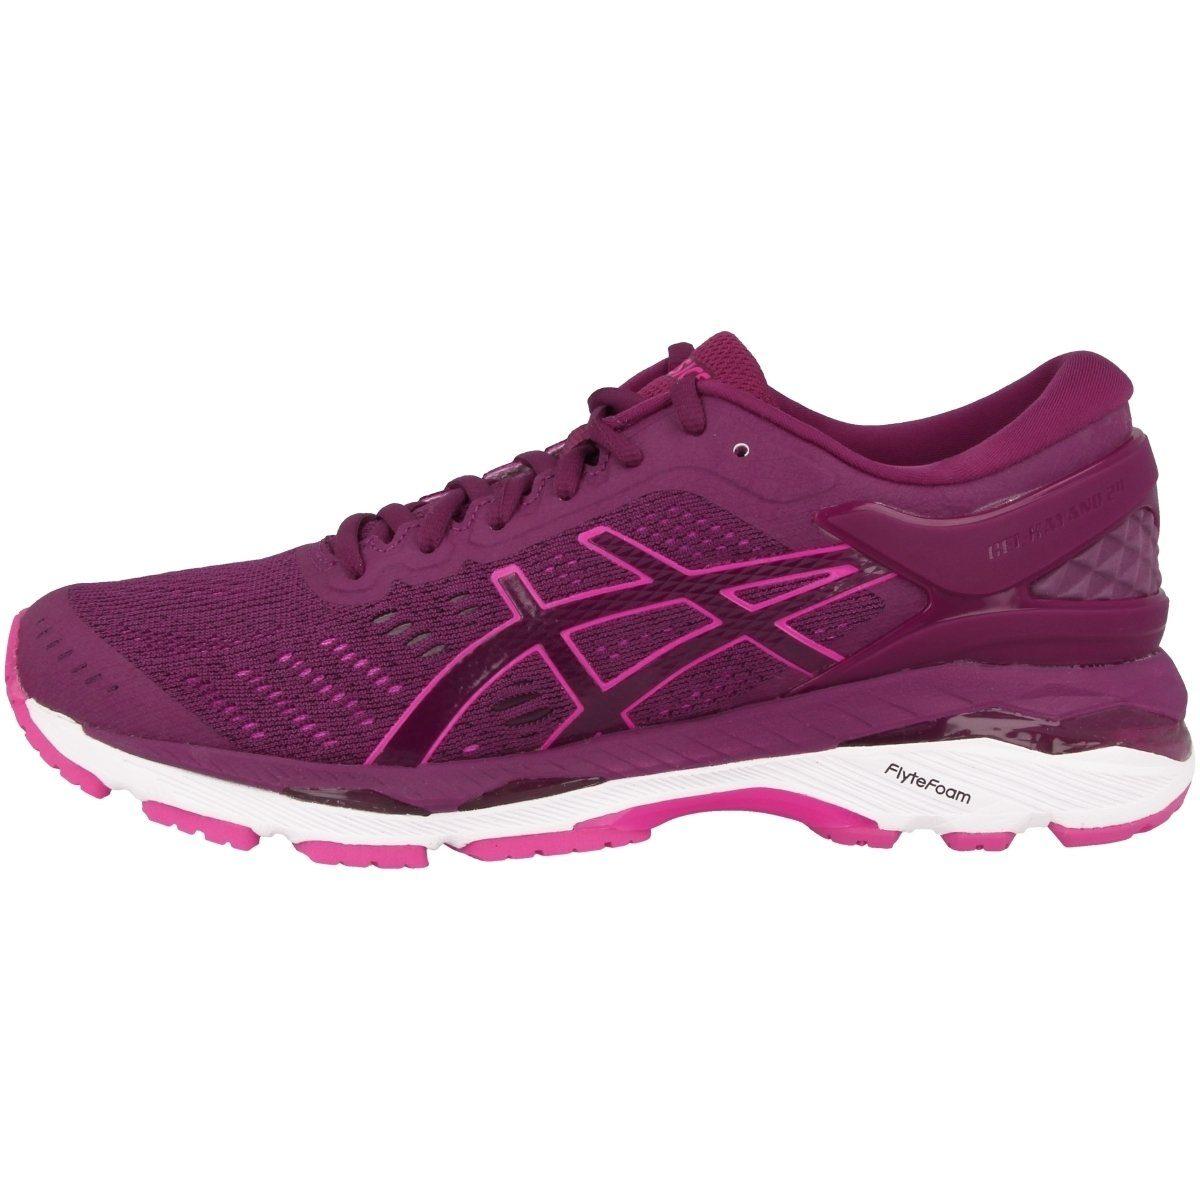 Asics »Gel-Kayano 24« Laufschuh online kaufen | OTTO